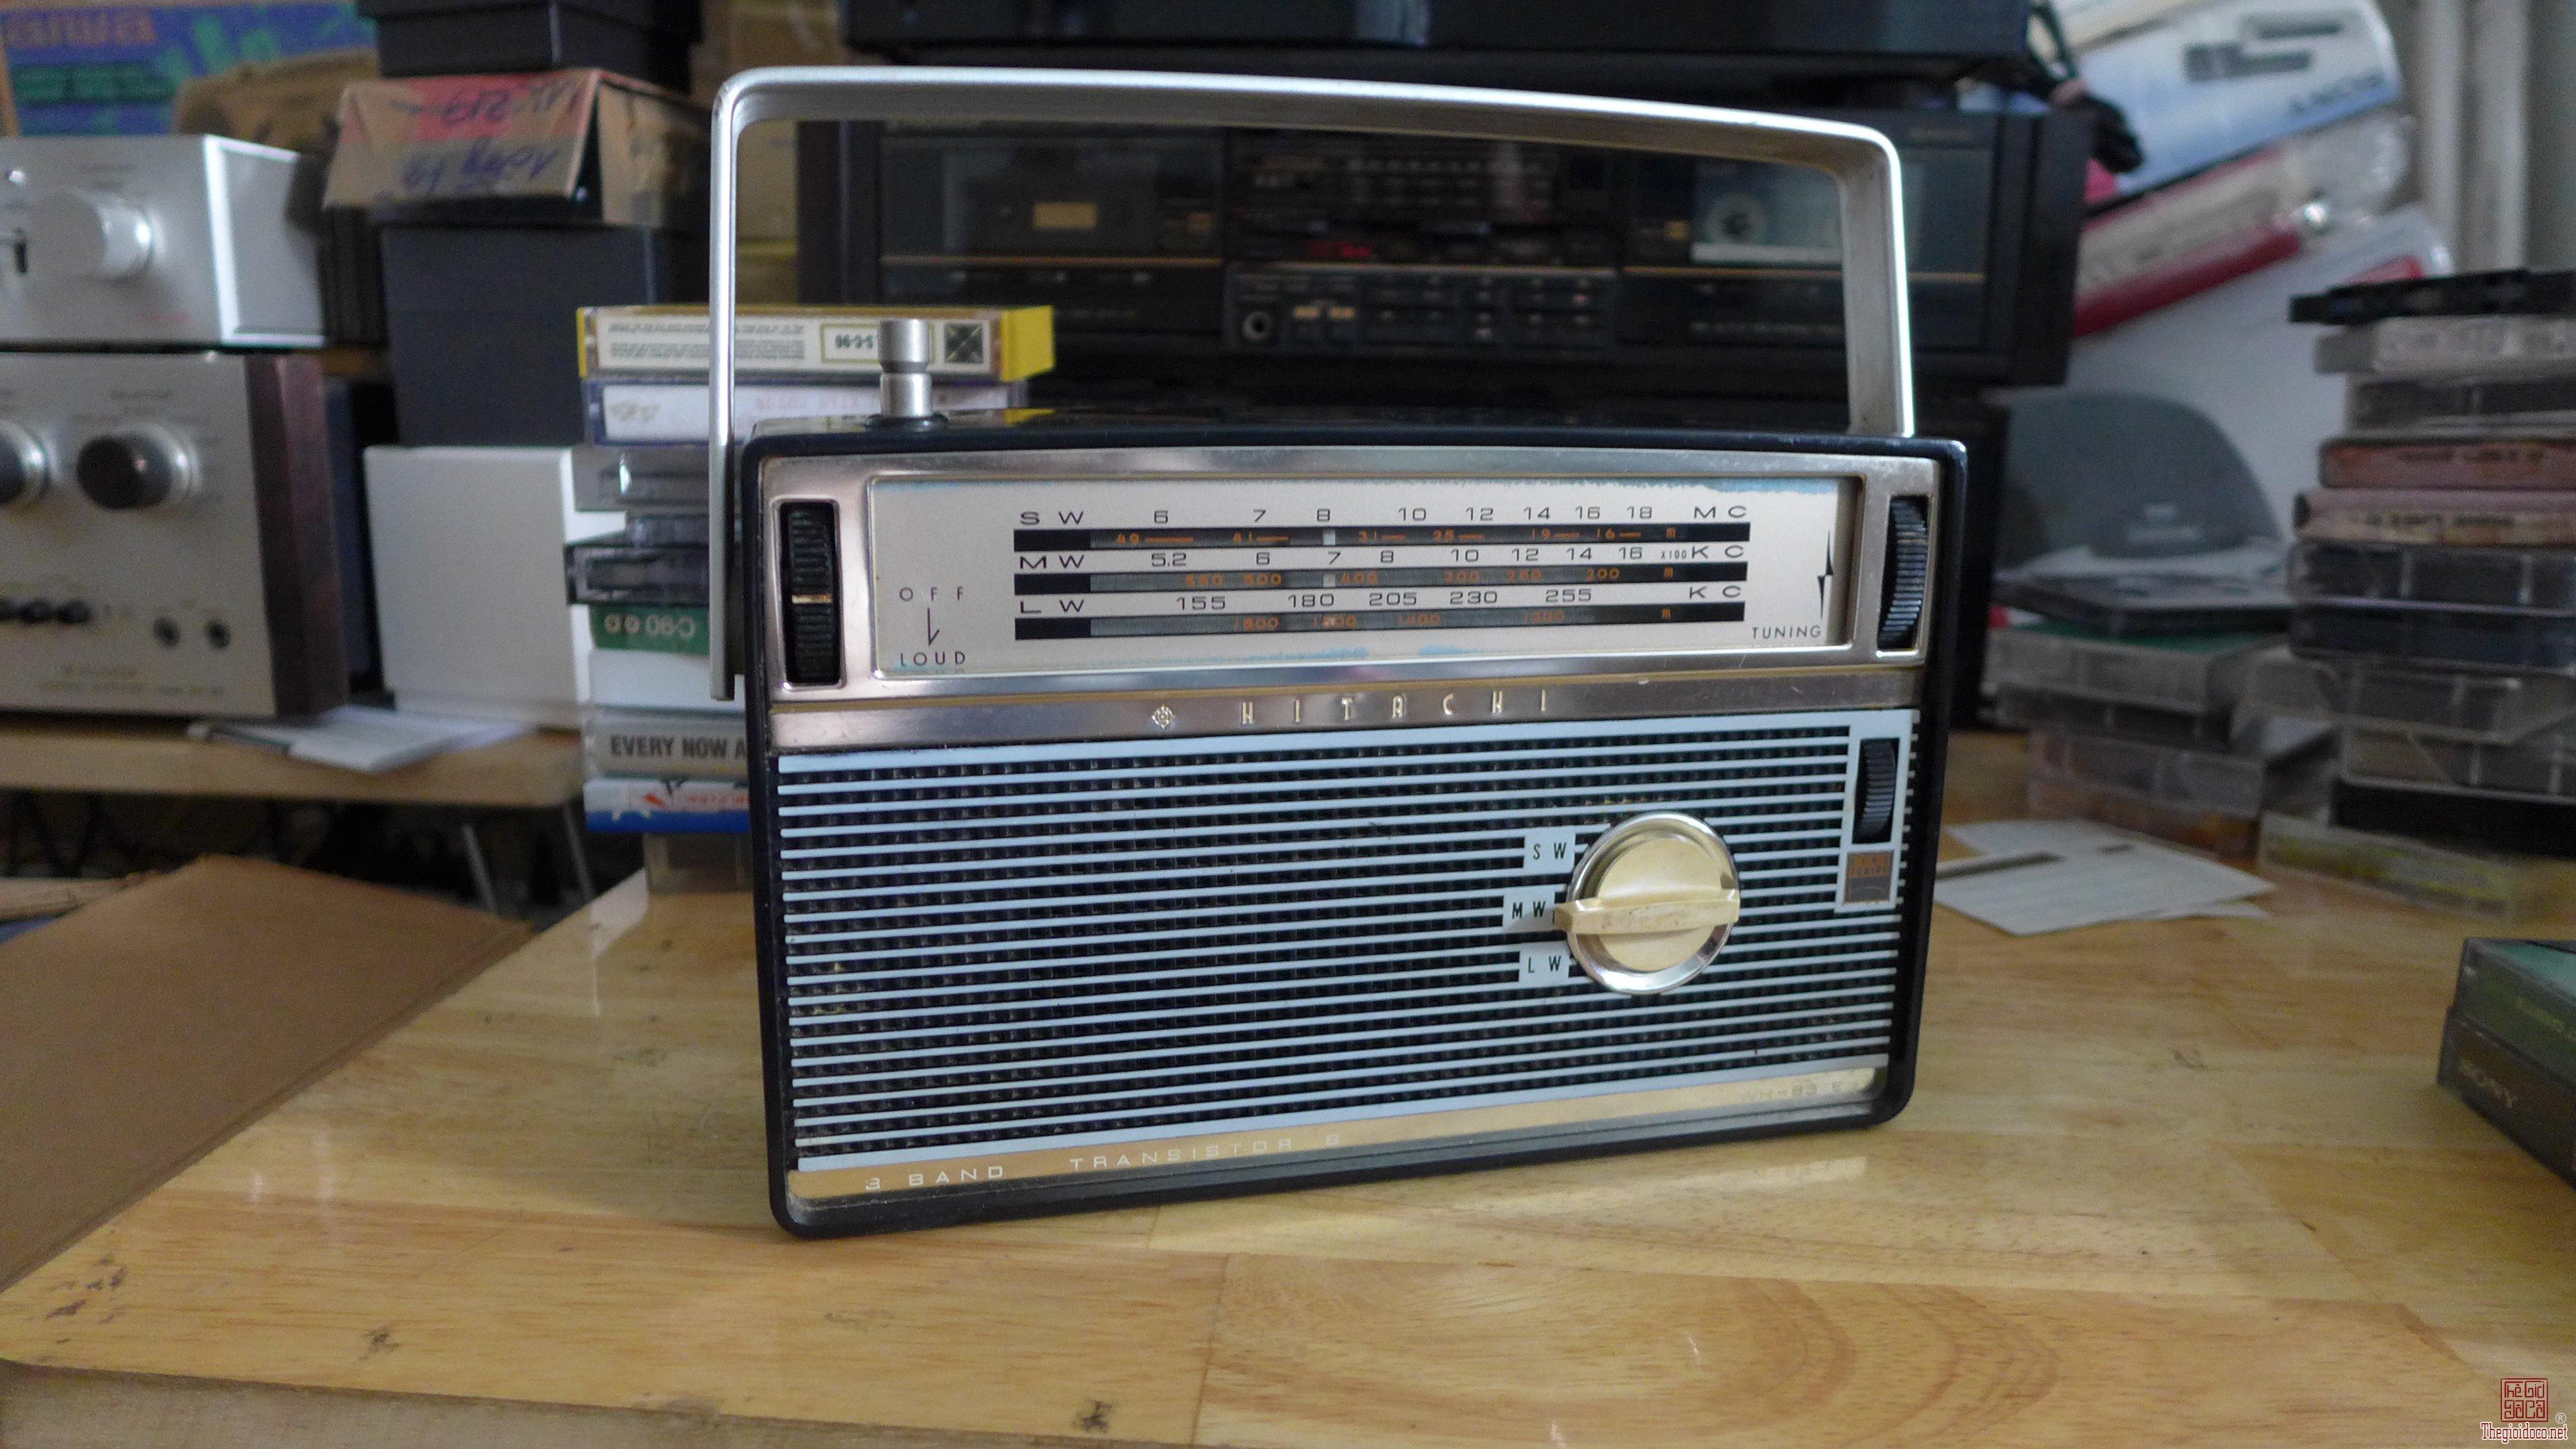 HCM - Q10 - Bán radio Hitachi WH-837E và Sony TR - 837, Japan.